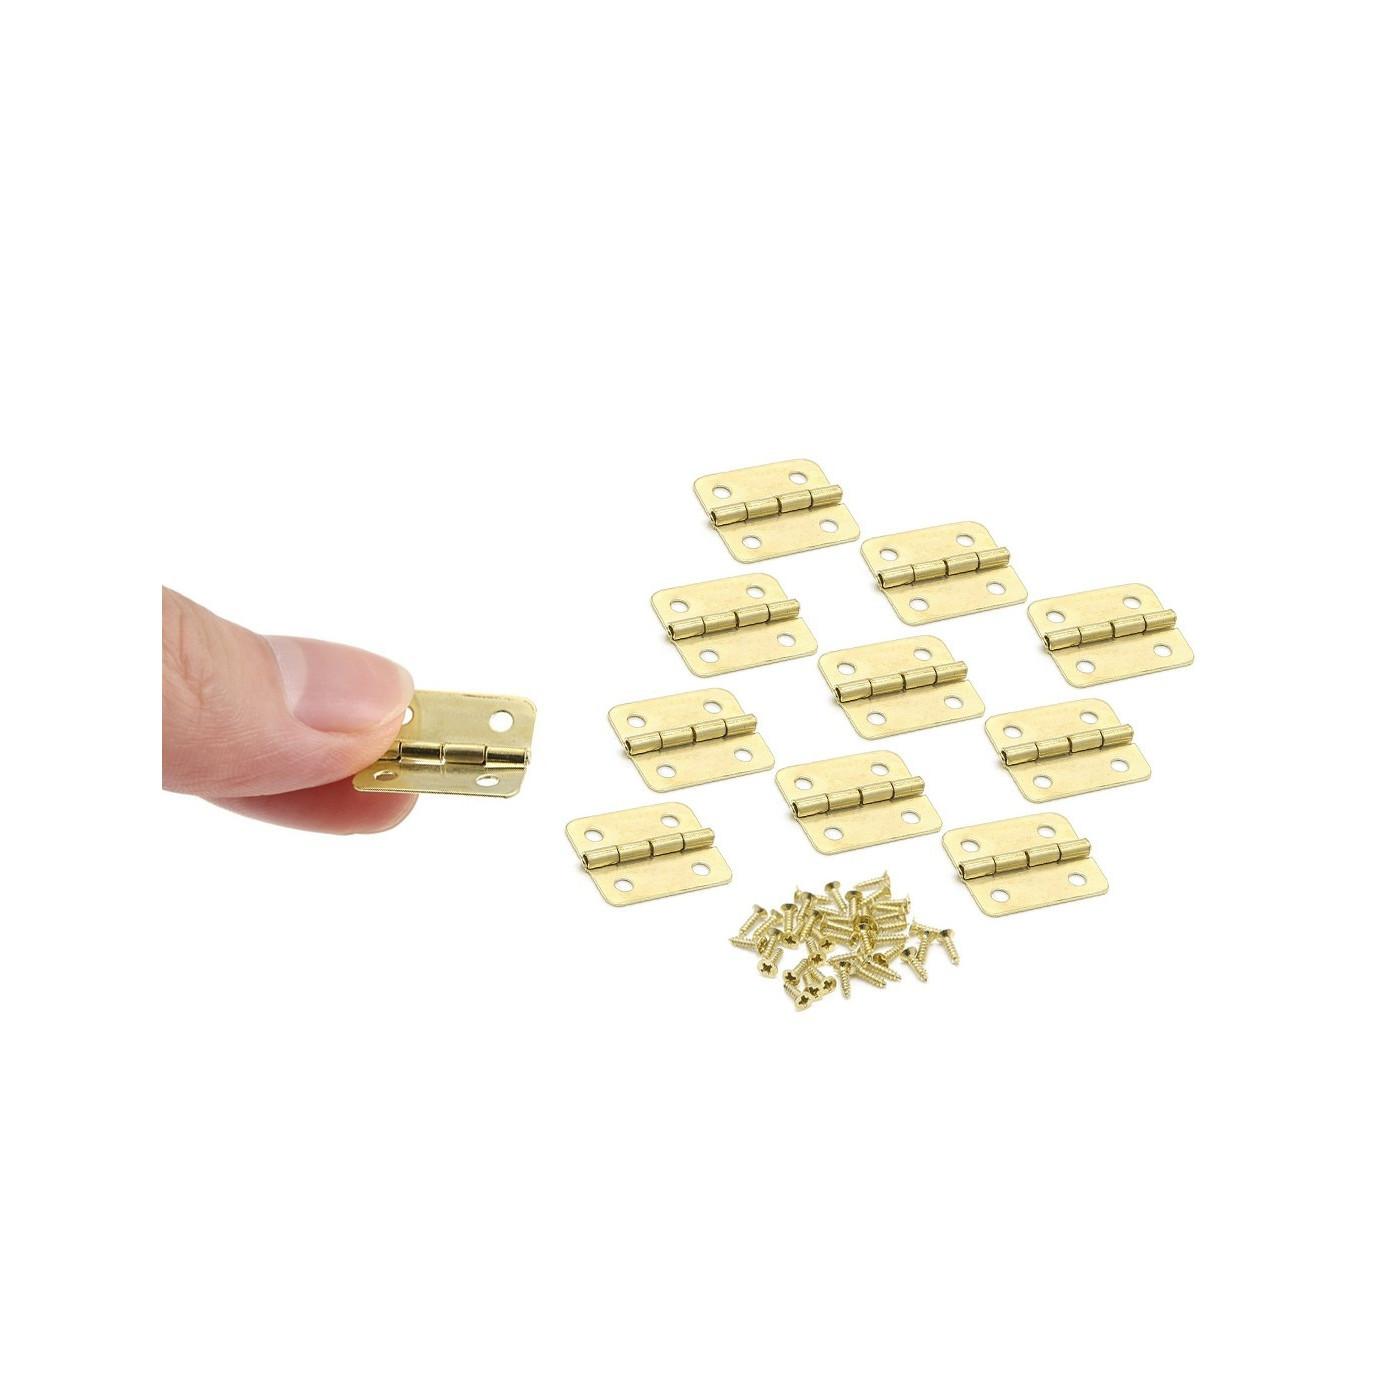 Set von 60 kleinen Messingscharnieren, 18x16 mm